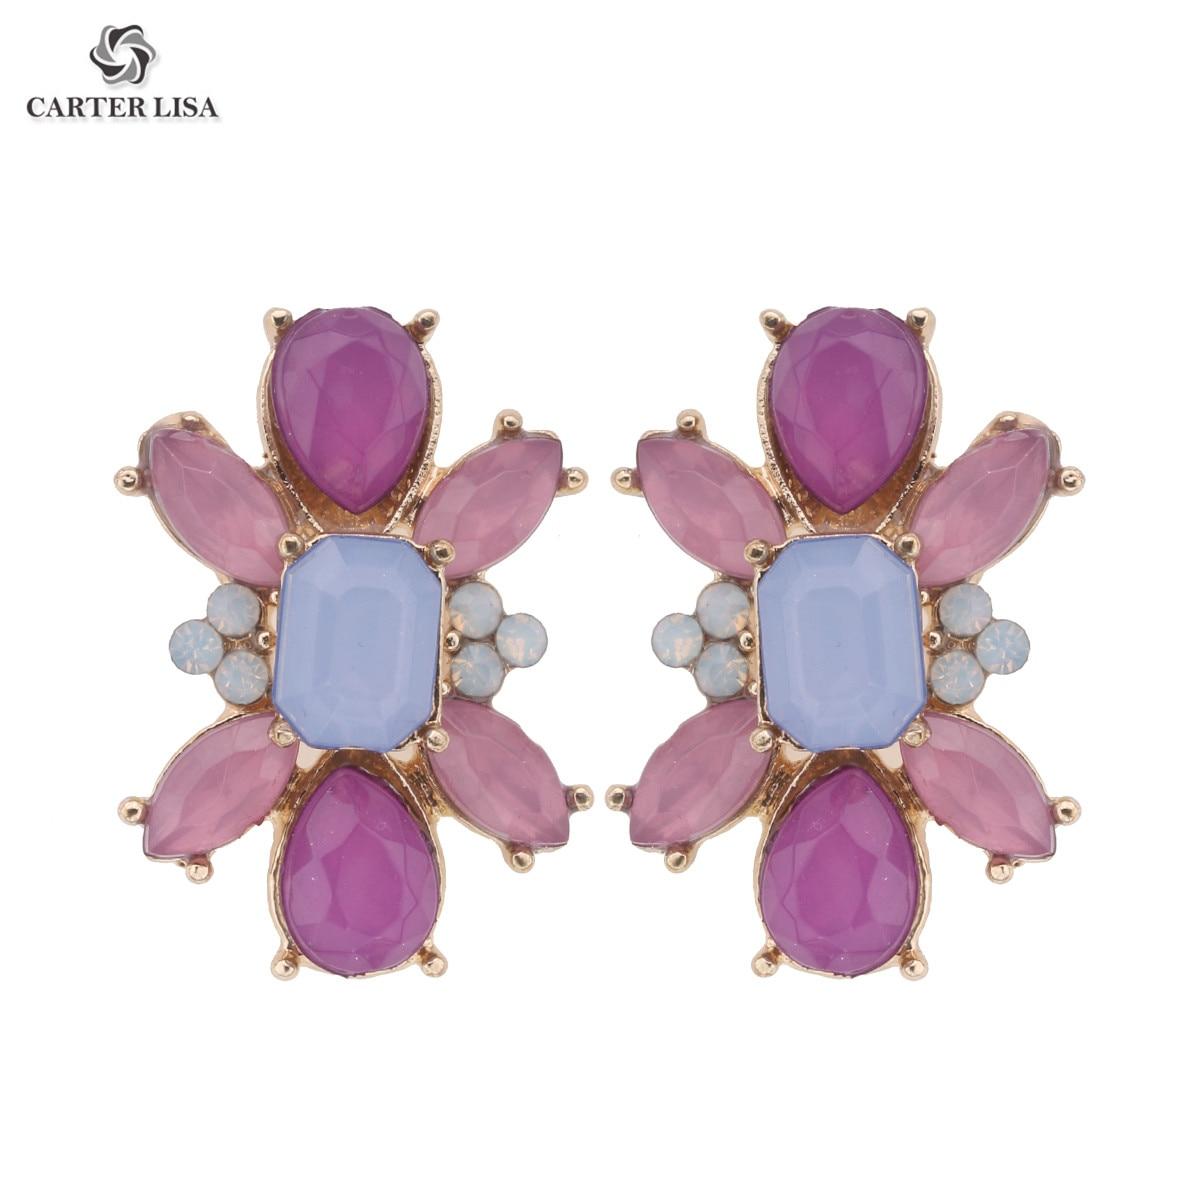 CARTER LISA Vintage Crystal Flower Stud Earrings Handmade Inspired Earing For Women Oorknopjes Kolczyki Wkrety